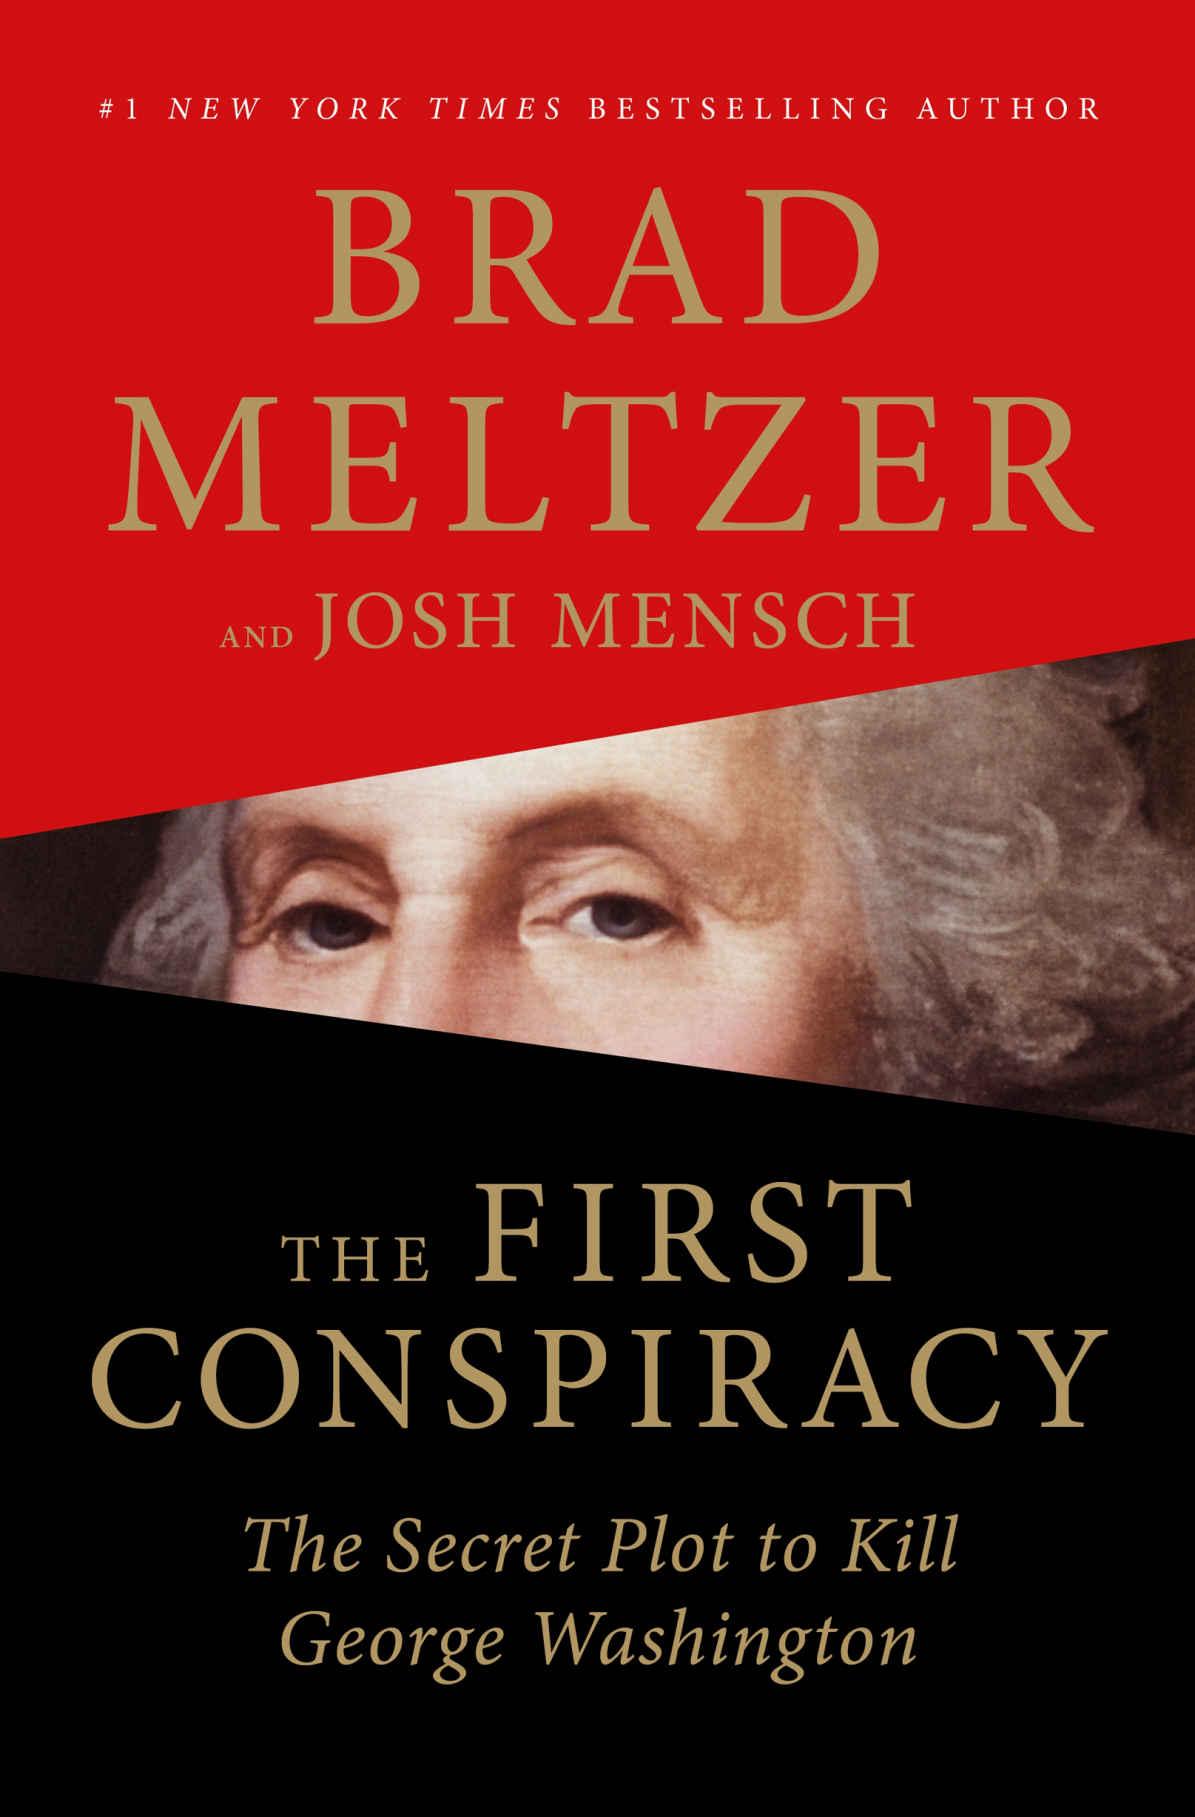 The First Conspiracy - Brad Meltzer, Josh Mensch [kindle] [mobi]